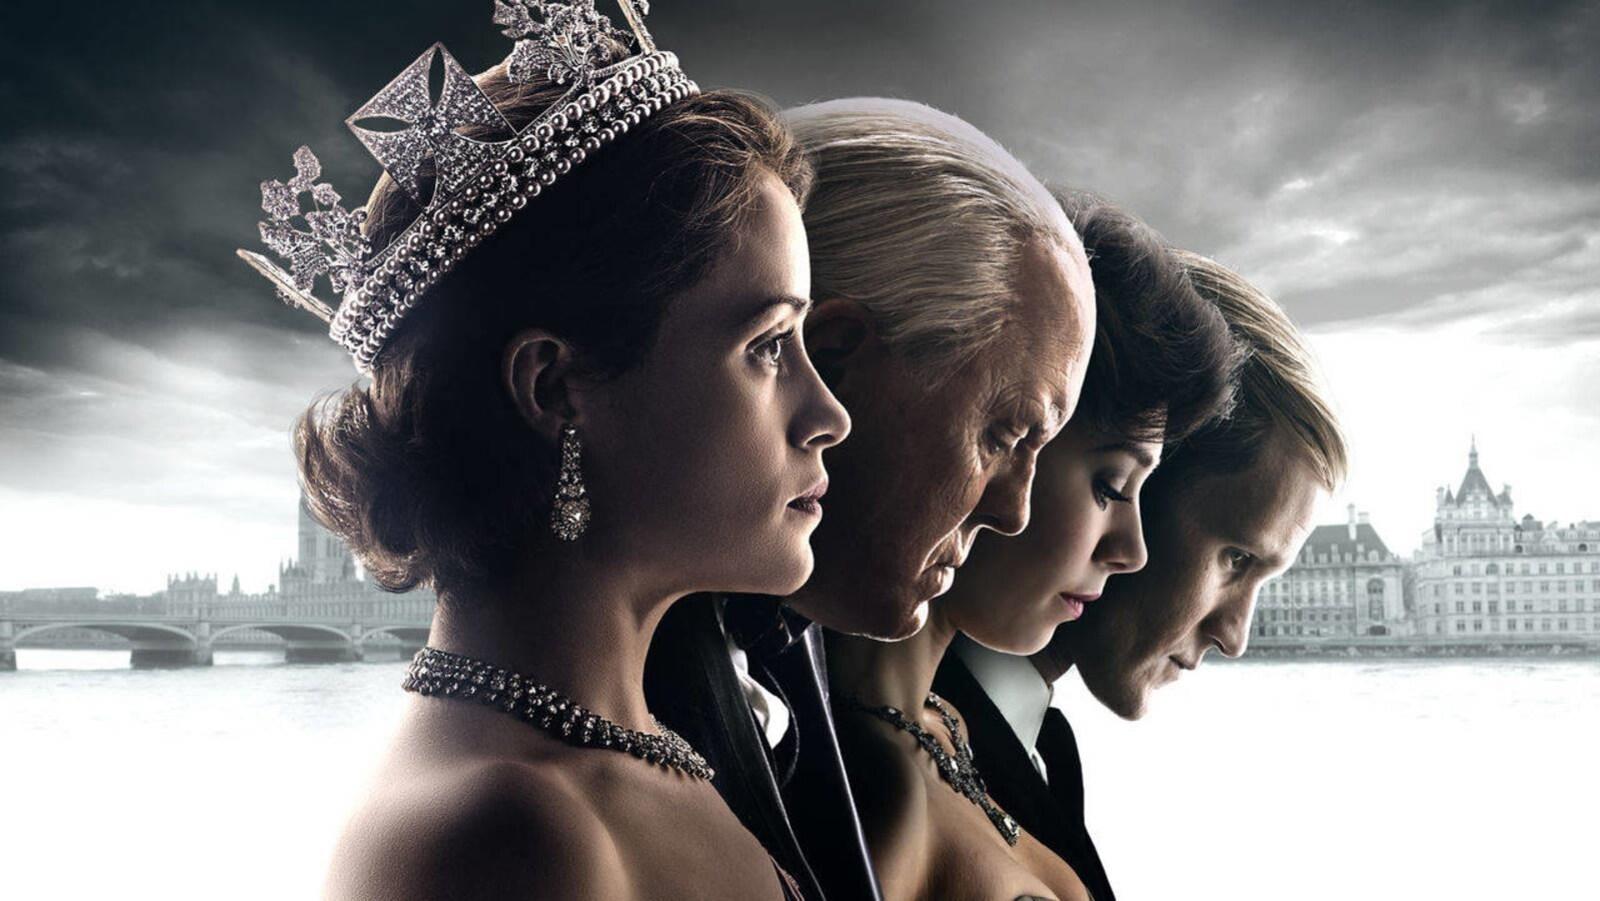 Quatre acteurs de la série The Crown photographiés côte à côté et de profil.